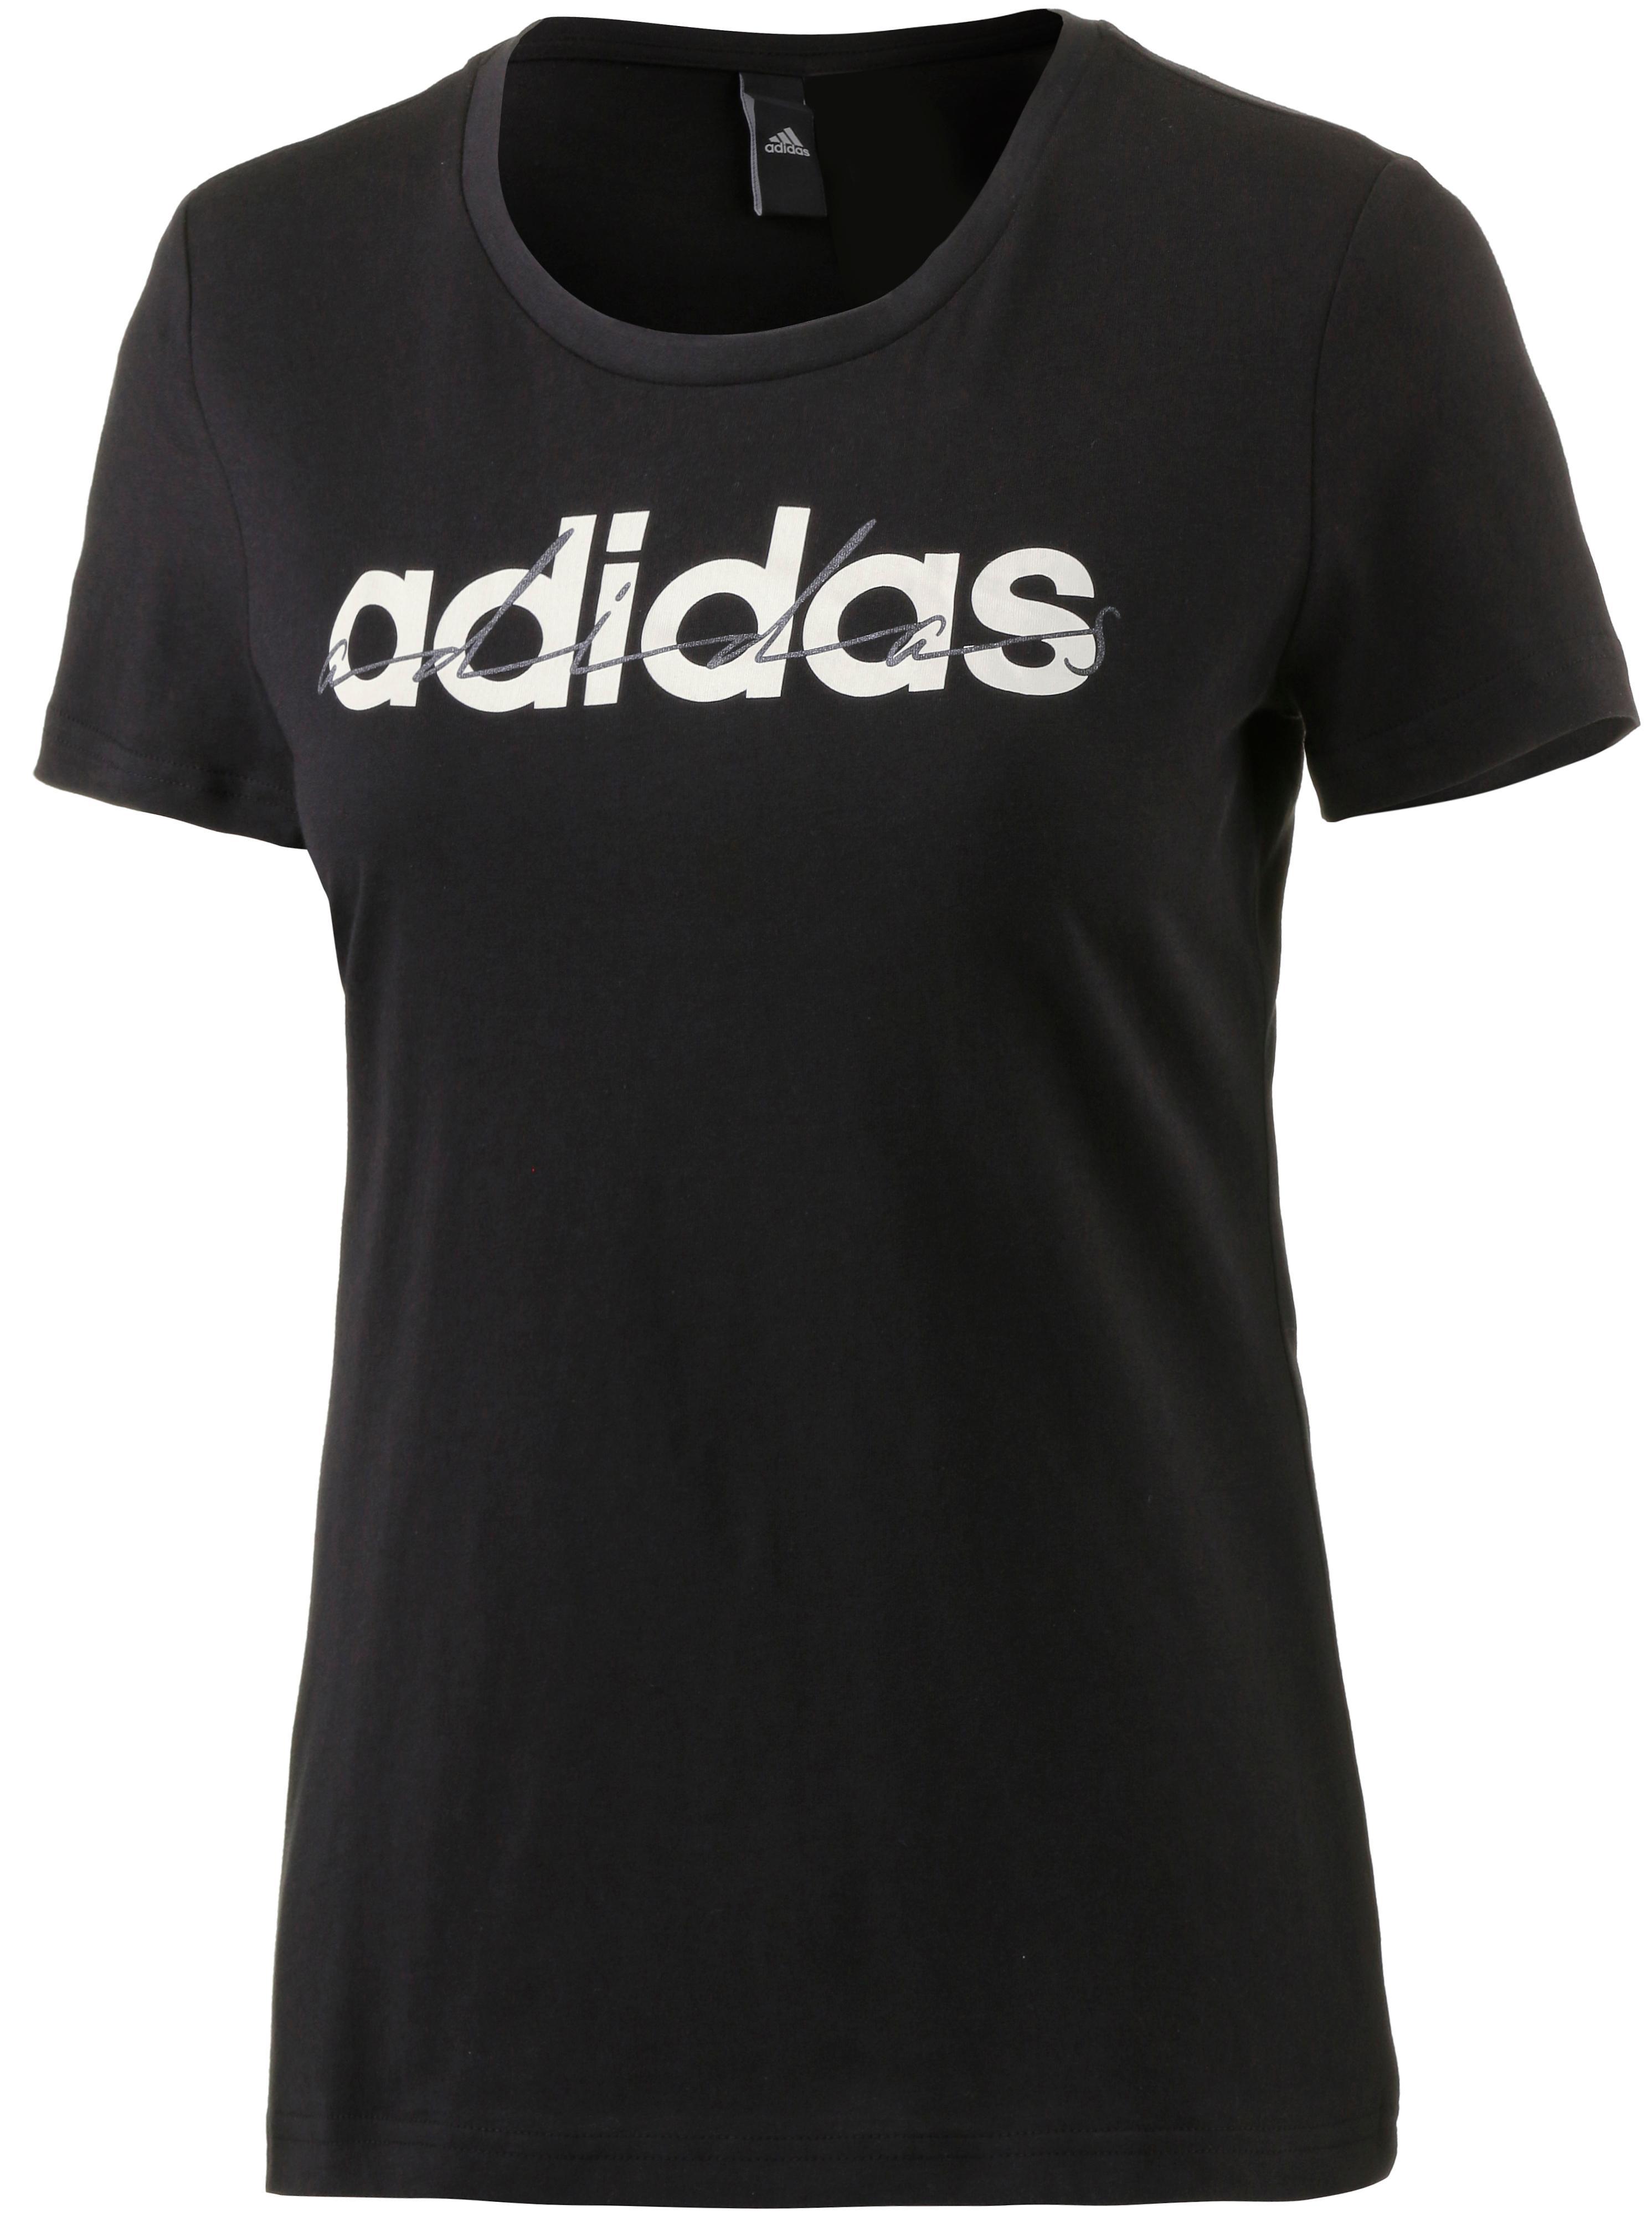 adidas T-Shirt Damen schwarz im Online Shop von SportScheck kaufen